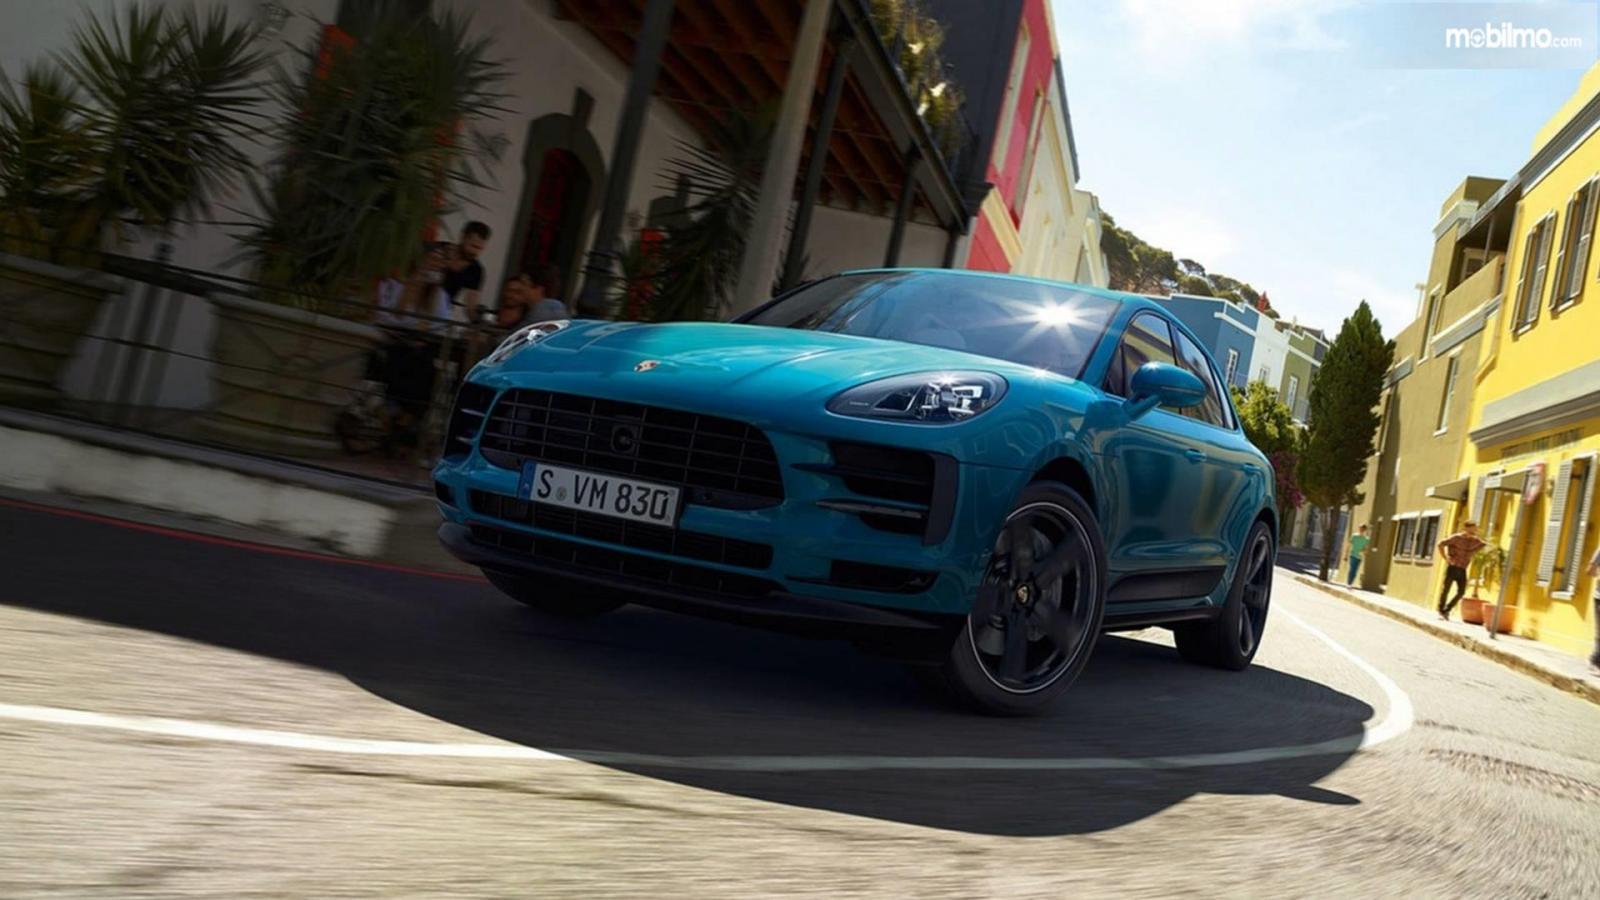 Gambar tampilan depan Porsche Macan 2019